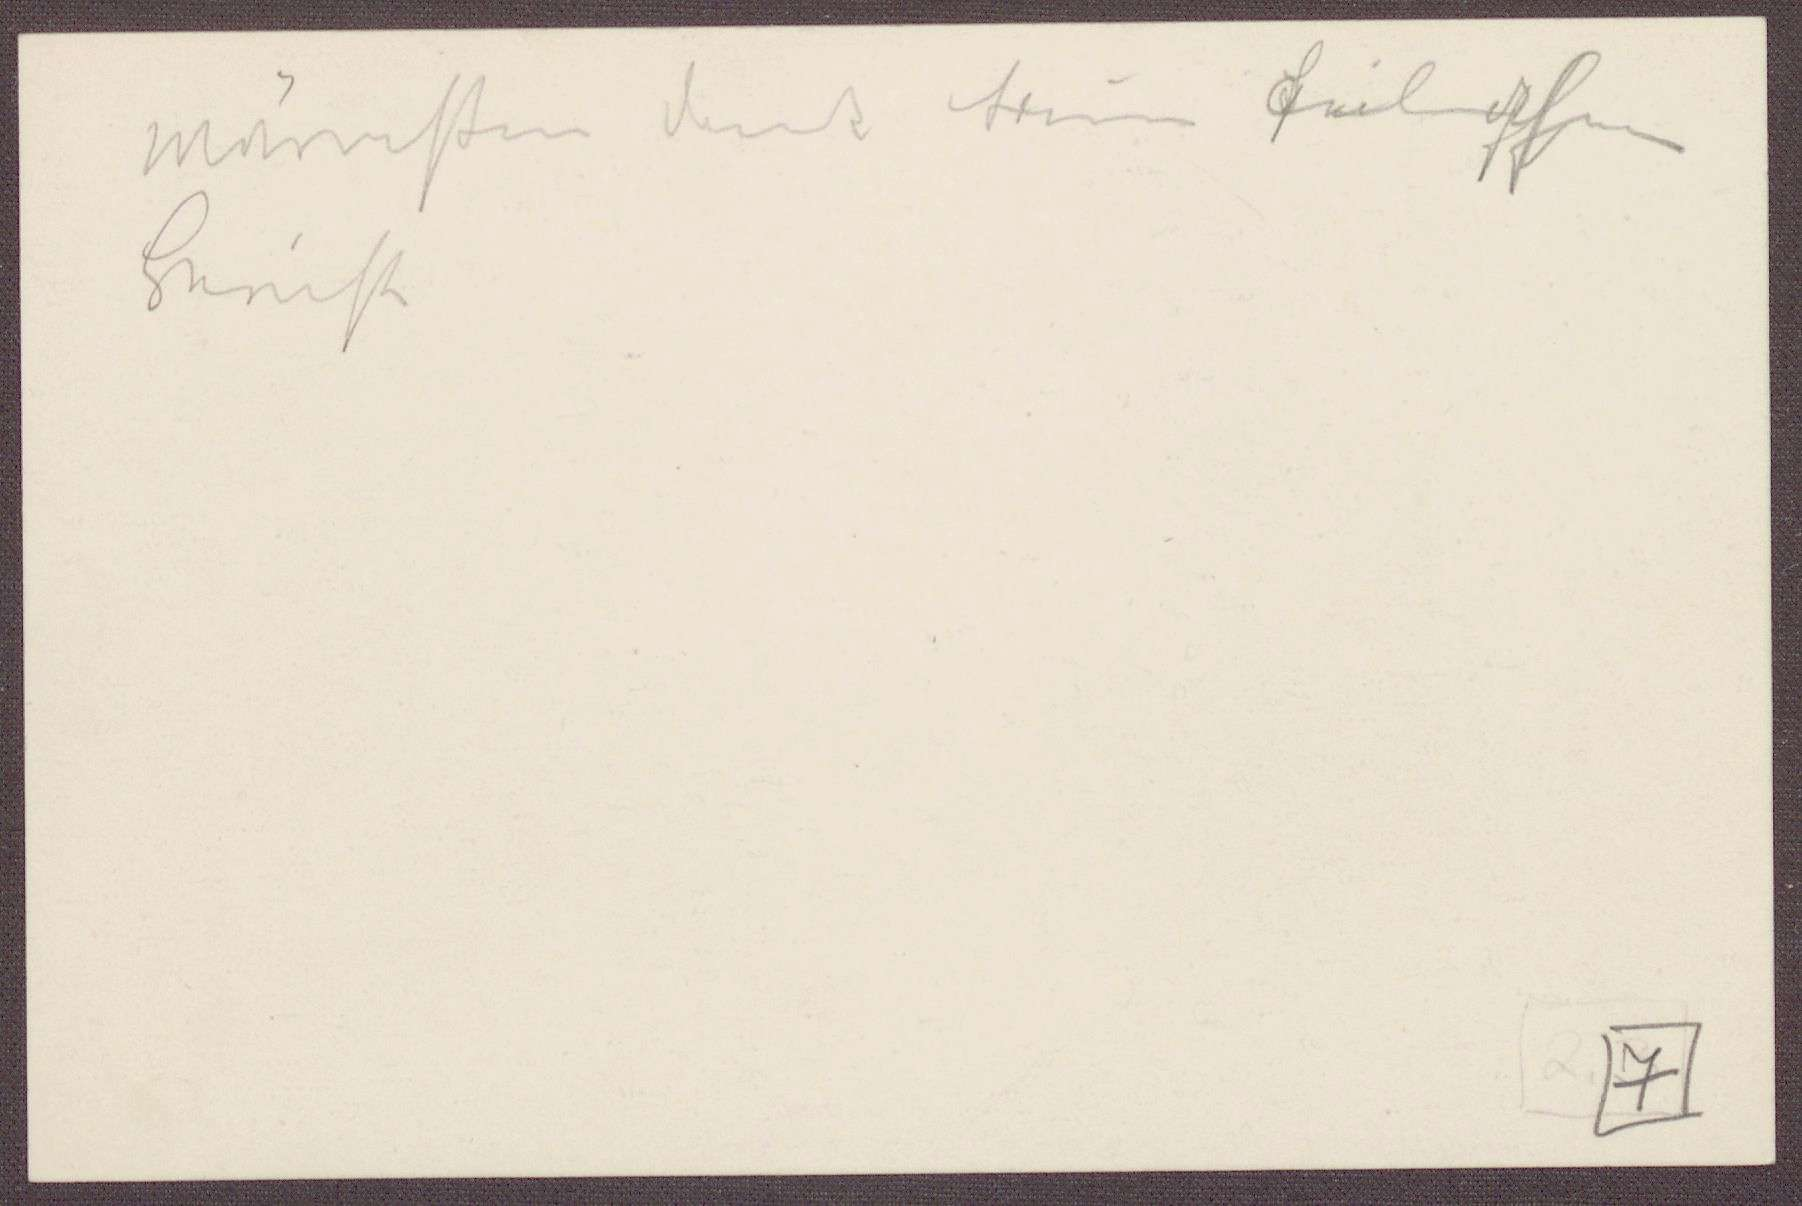 Karte von Anna Haas an die Großherzogin Luise; Segenswünsche für die Großherzogin, Bild 2